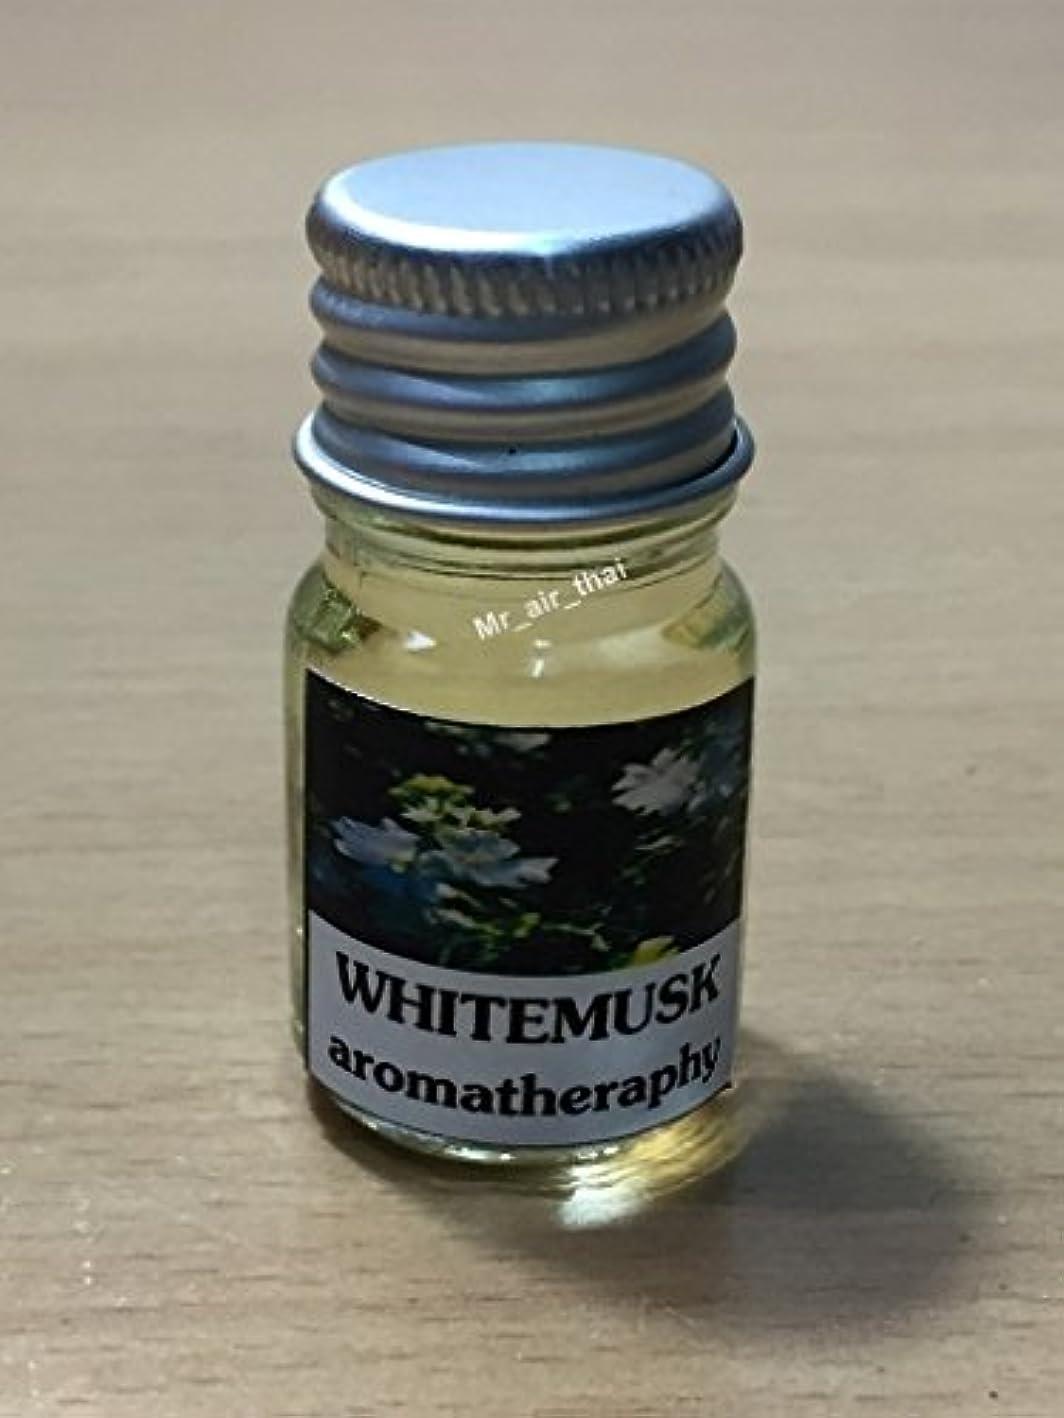 何故なの起きる口ひげ5ミリリットルアロマホワイトムスクフランクインセンスエッセンシャルオイルボトルアロマテラピーオイル自然自然5ml Aroma Whitemusk Frankincense Essential Oil Bottles Aromatherapy...